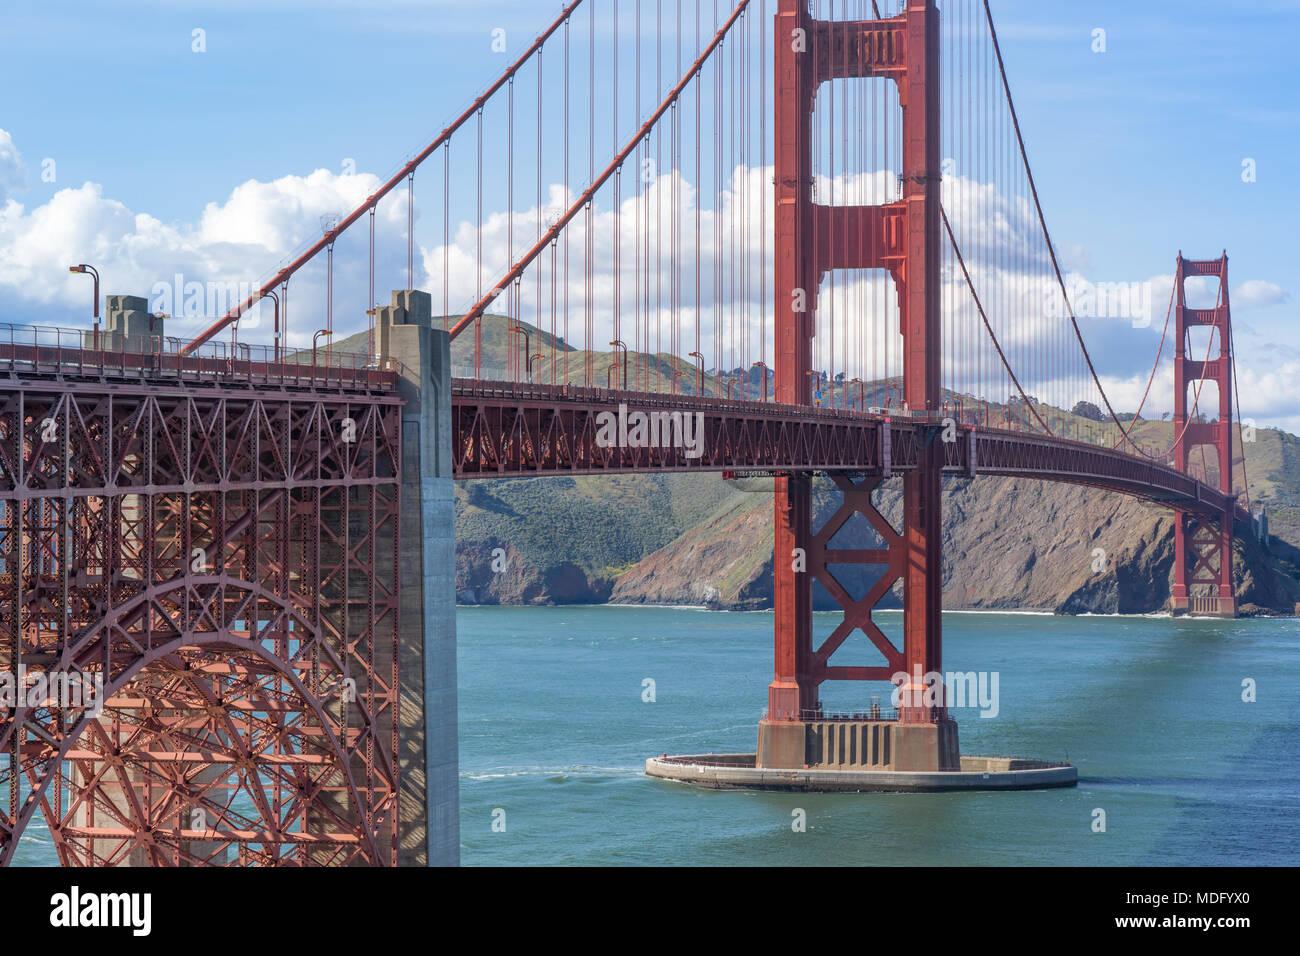 Blick auf die Golden Gate Bridge von oben Fort Point gegen Marin Headlands. Stockbild